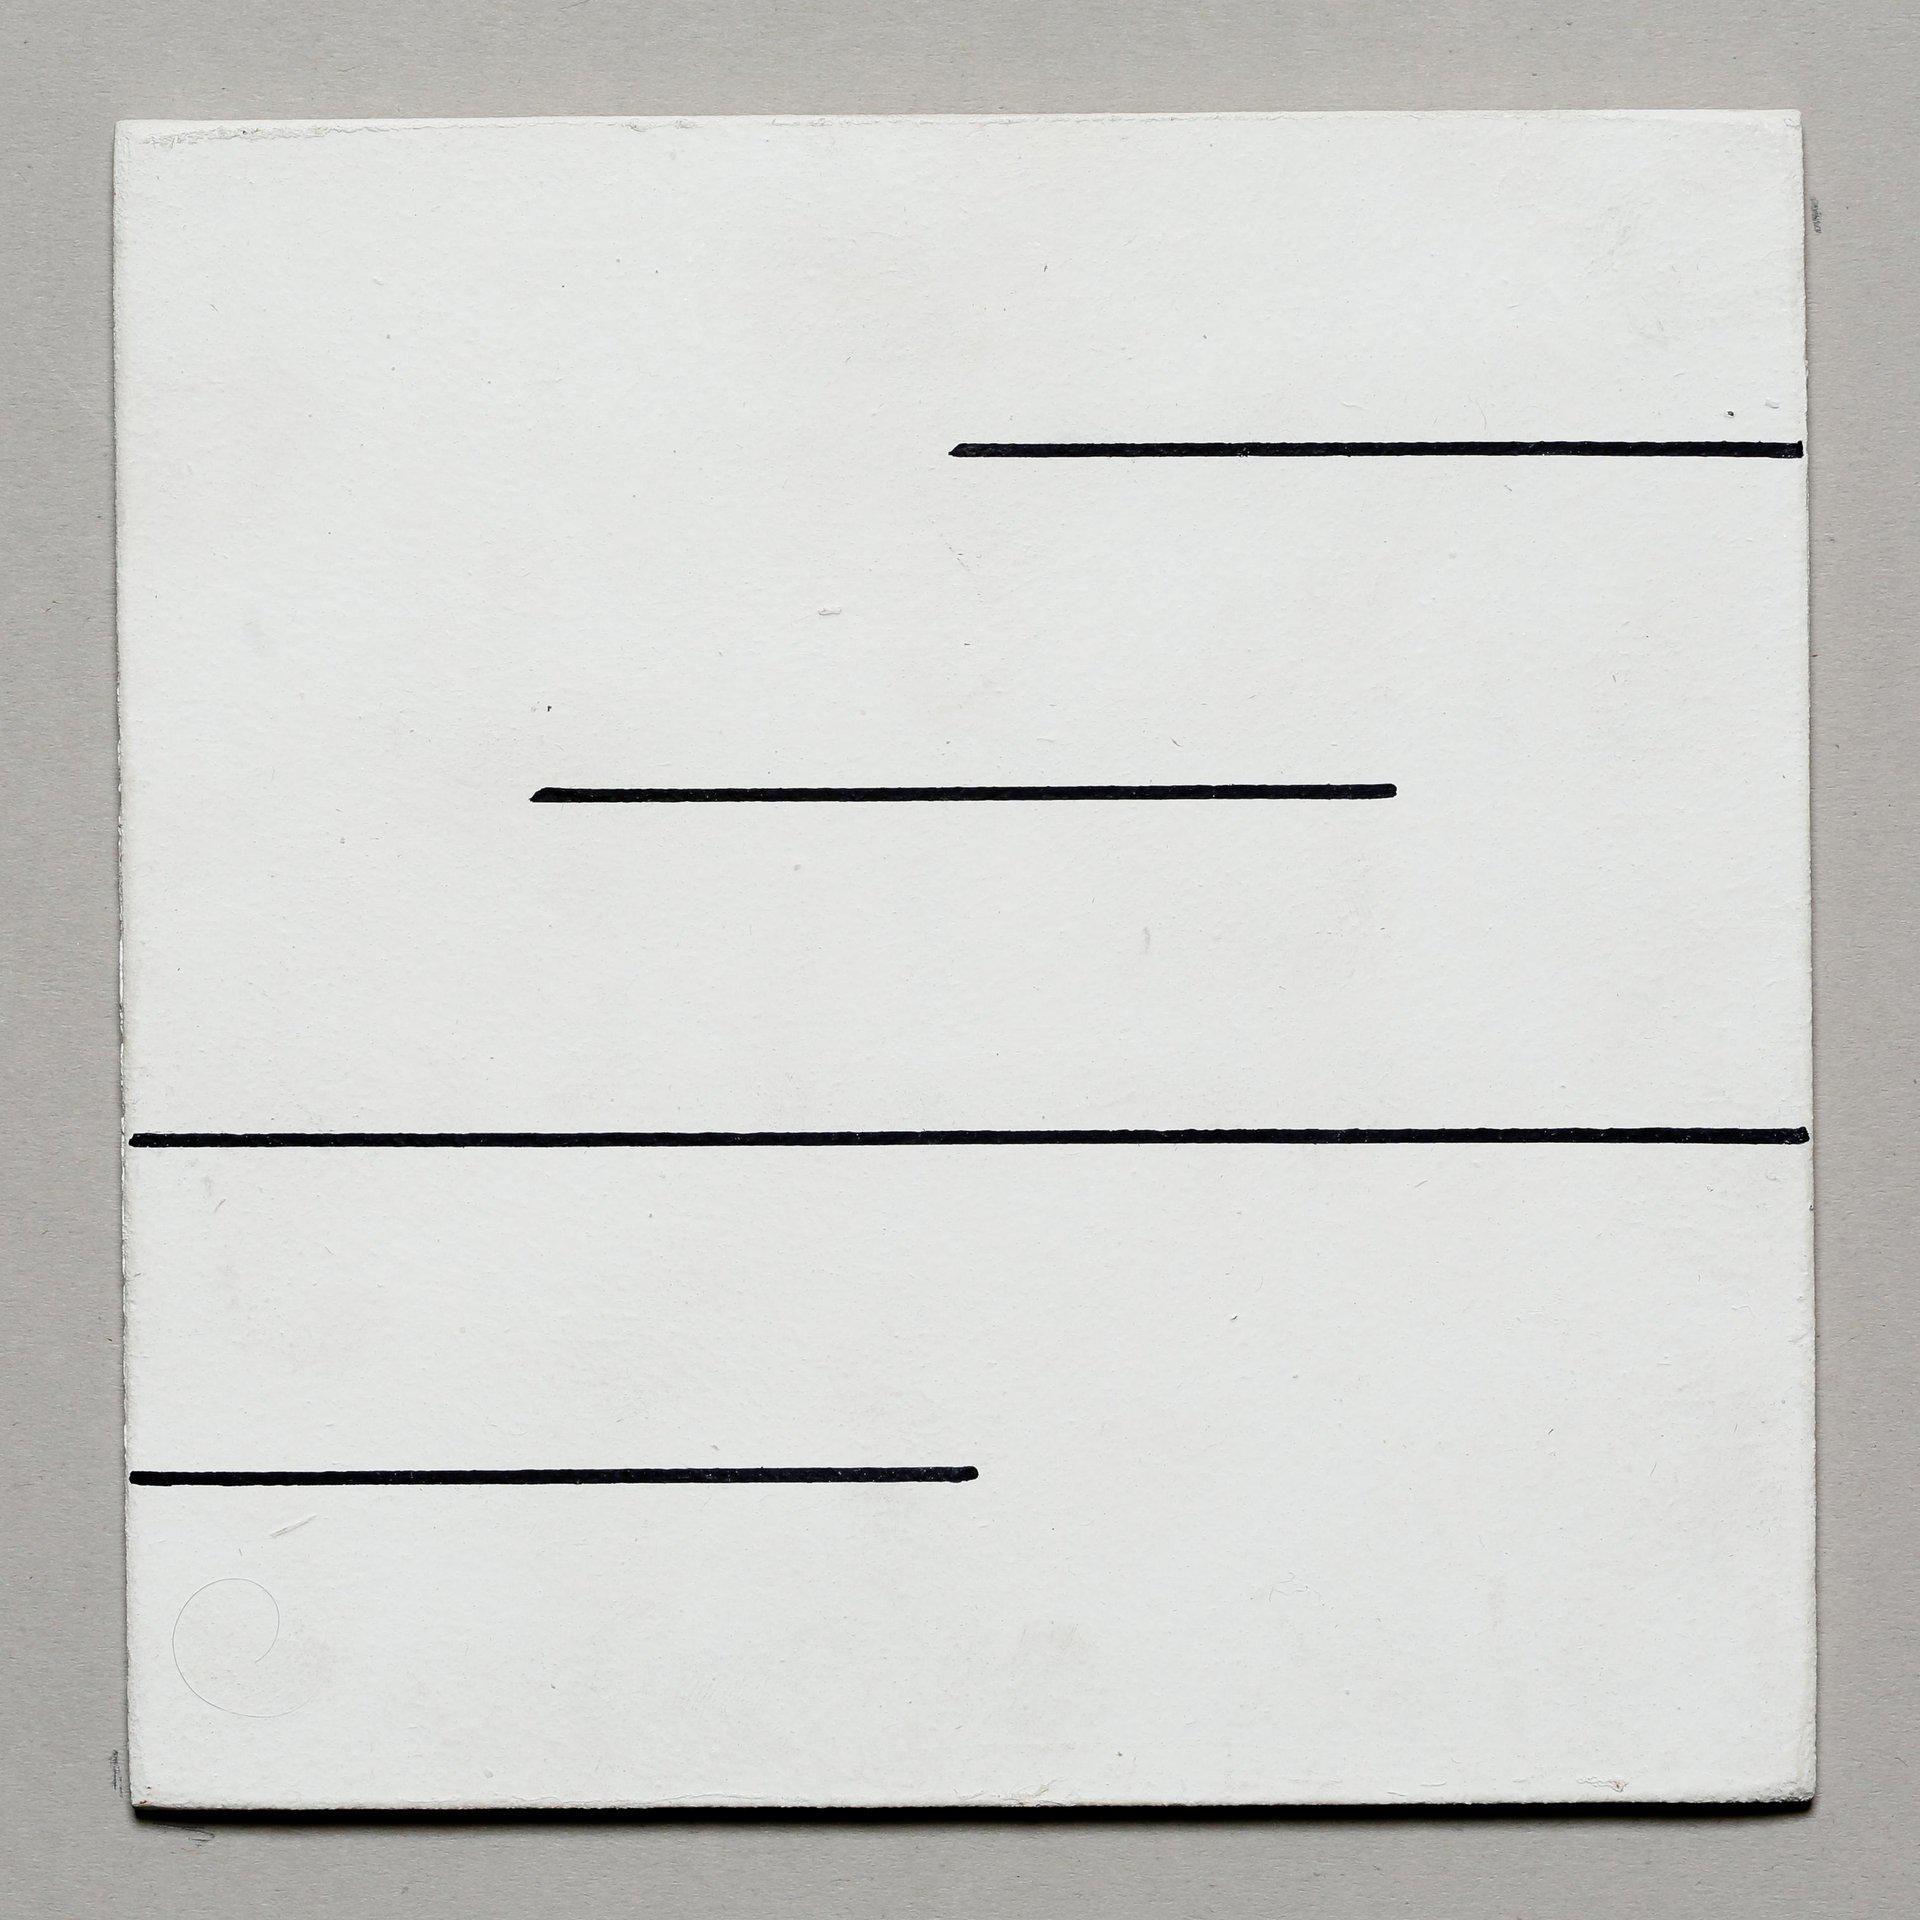 Stanisław Dróżdż, Algebra of Prepositions, 1987, (17/24)